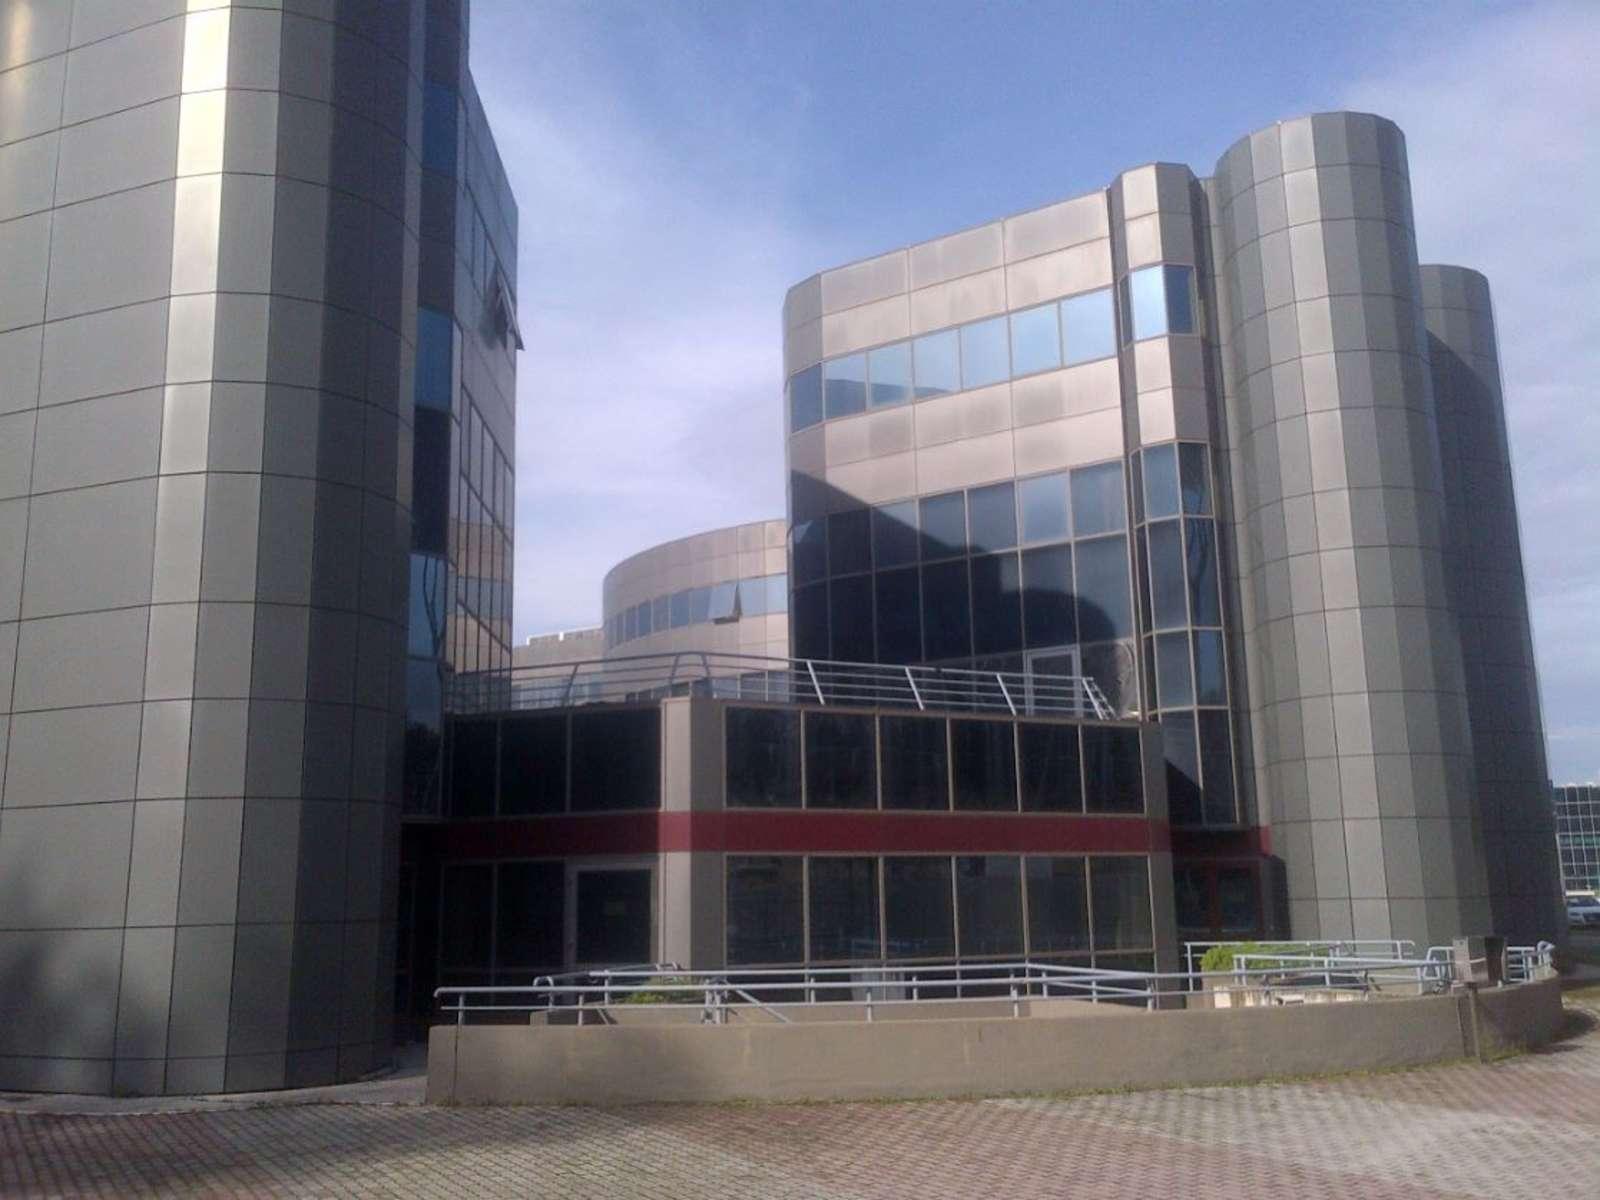 Tiburtina 1224 uffici immobili per in locazione jll for Uffici in affitto roma